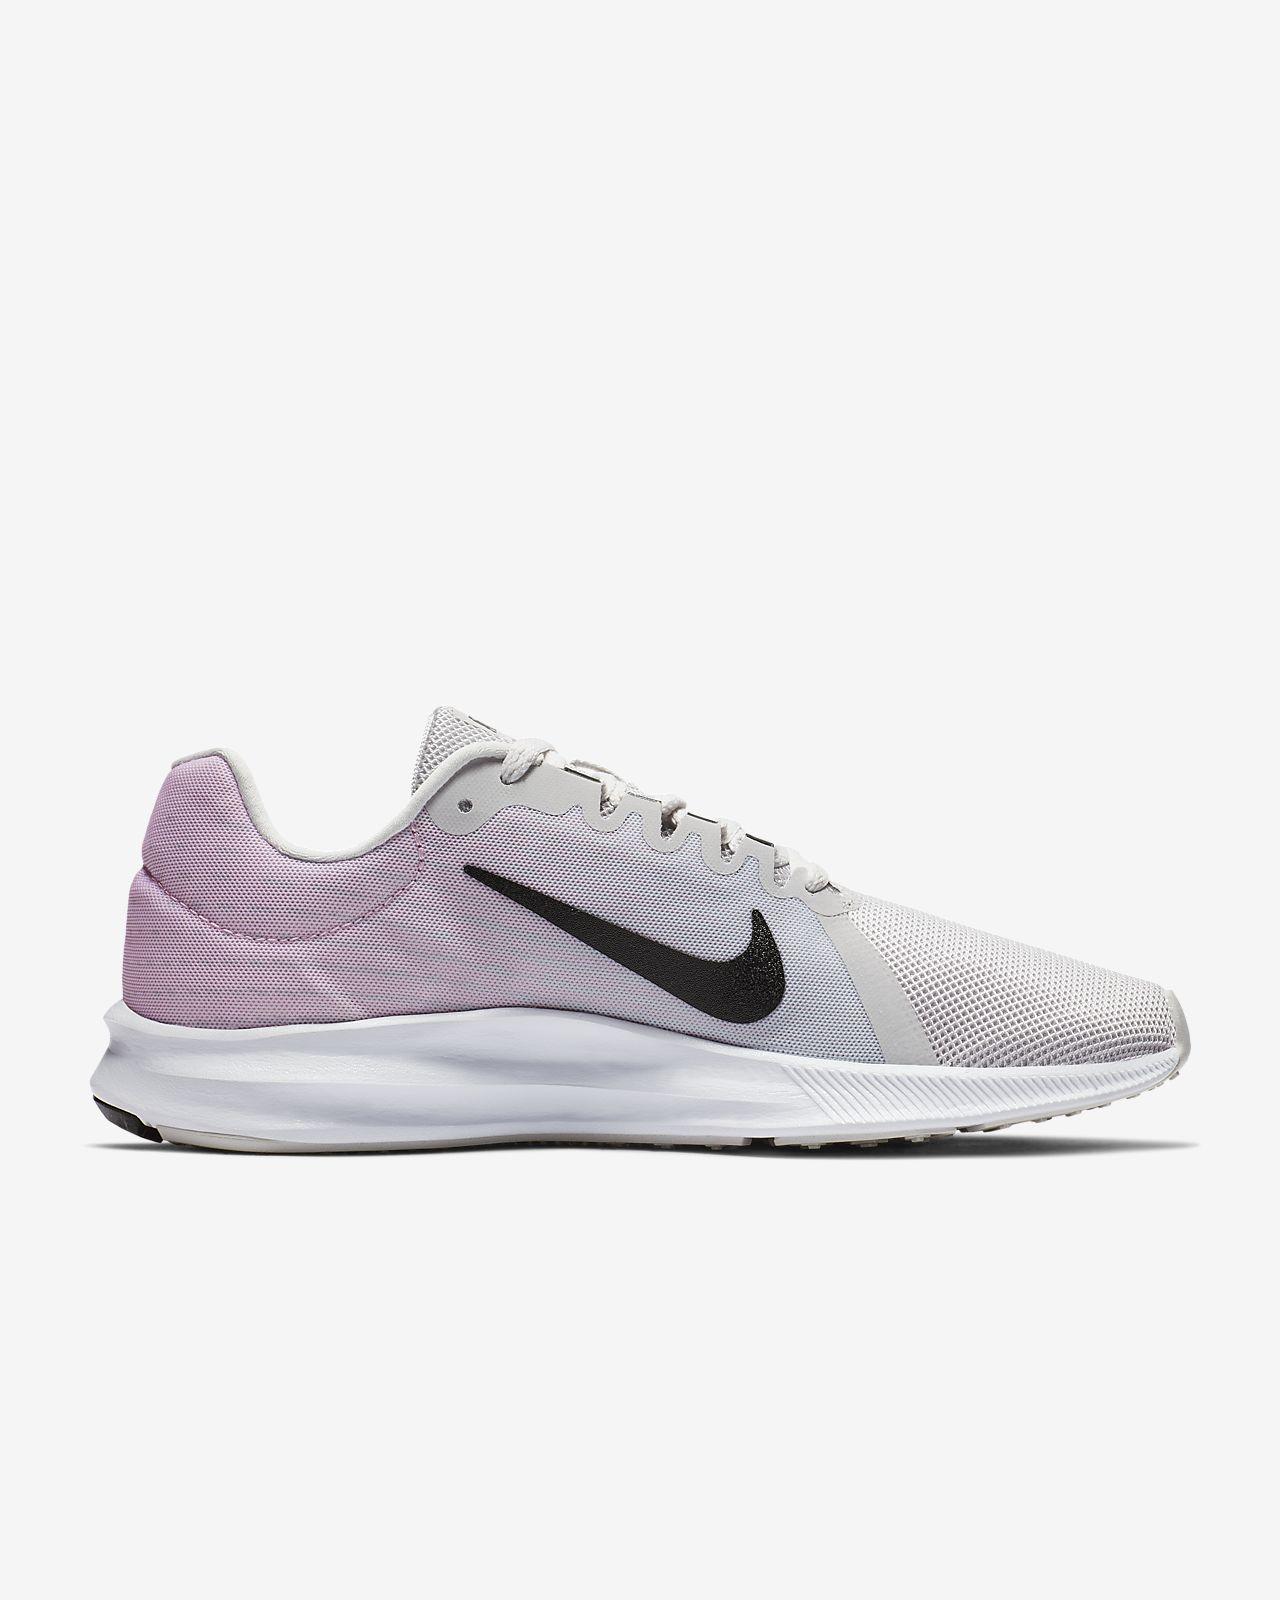 Para 8 Calzado Running Nike Mujer Downshifter Mx De ZwY4q4E1